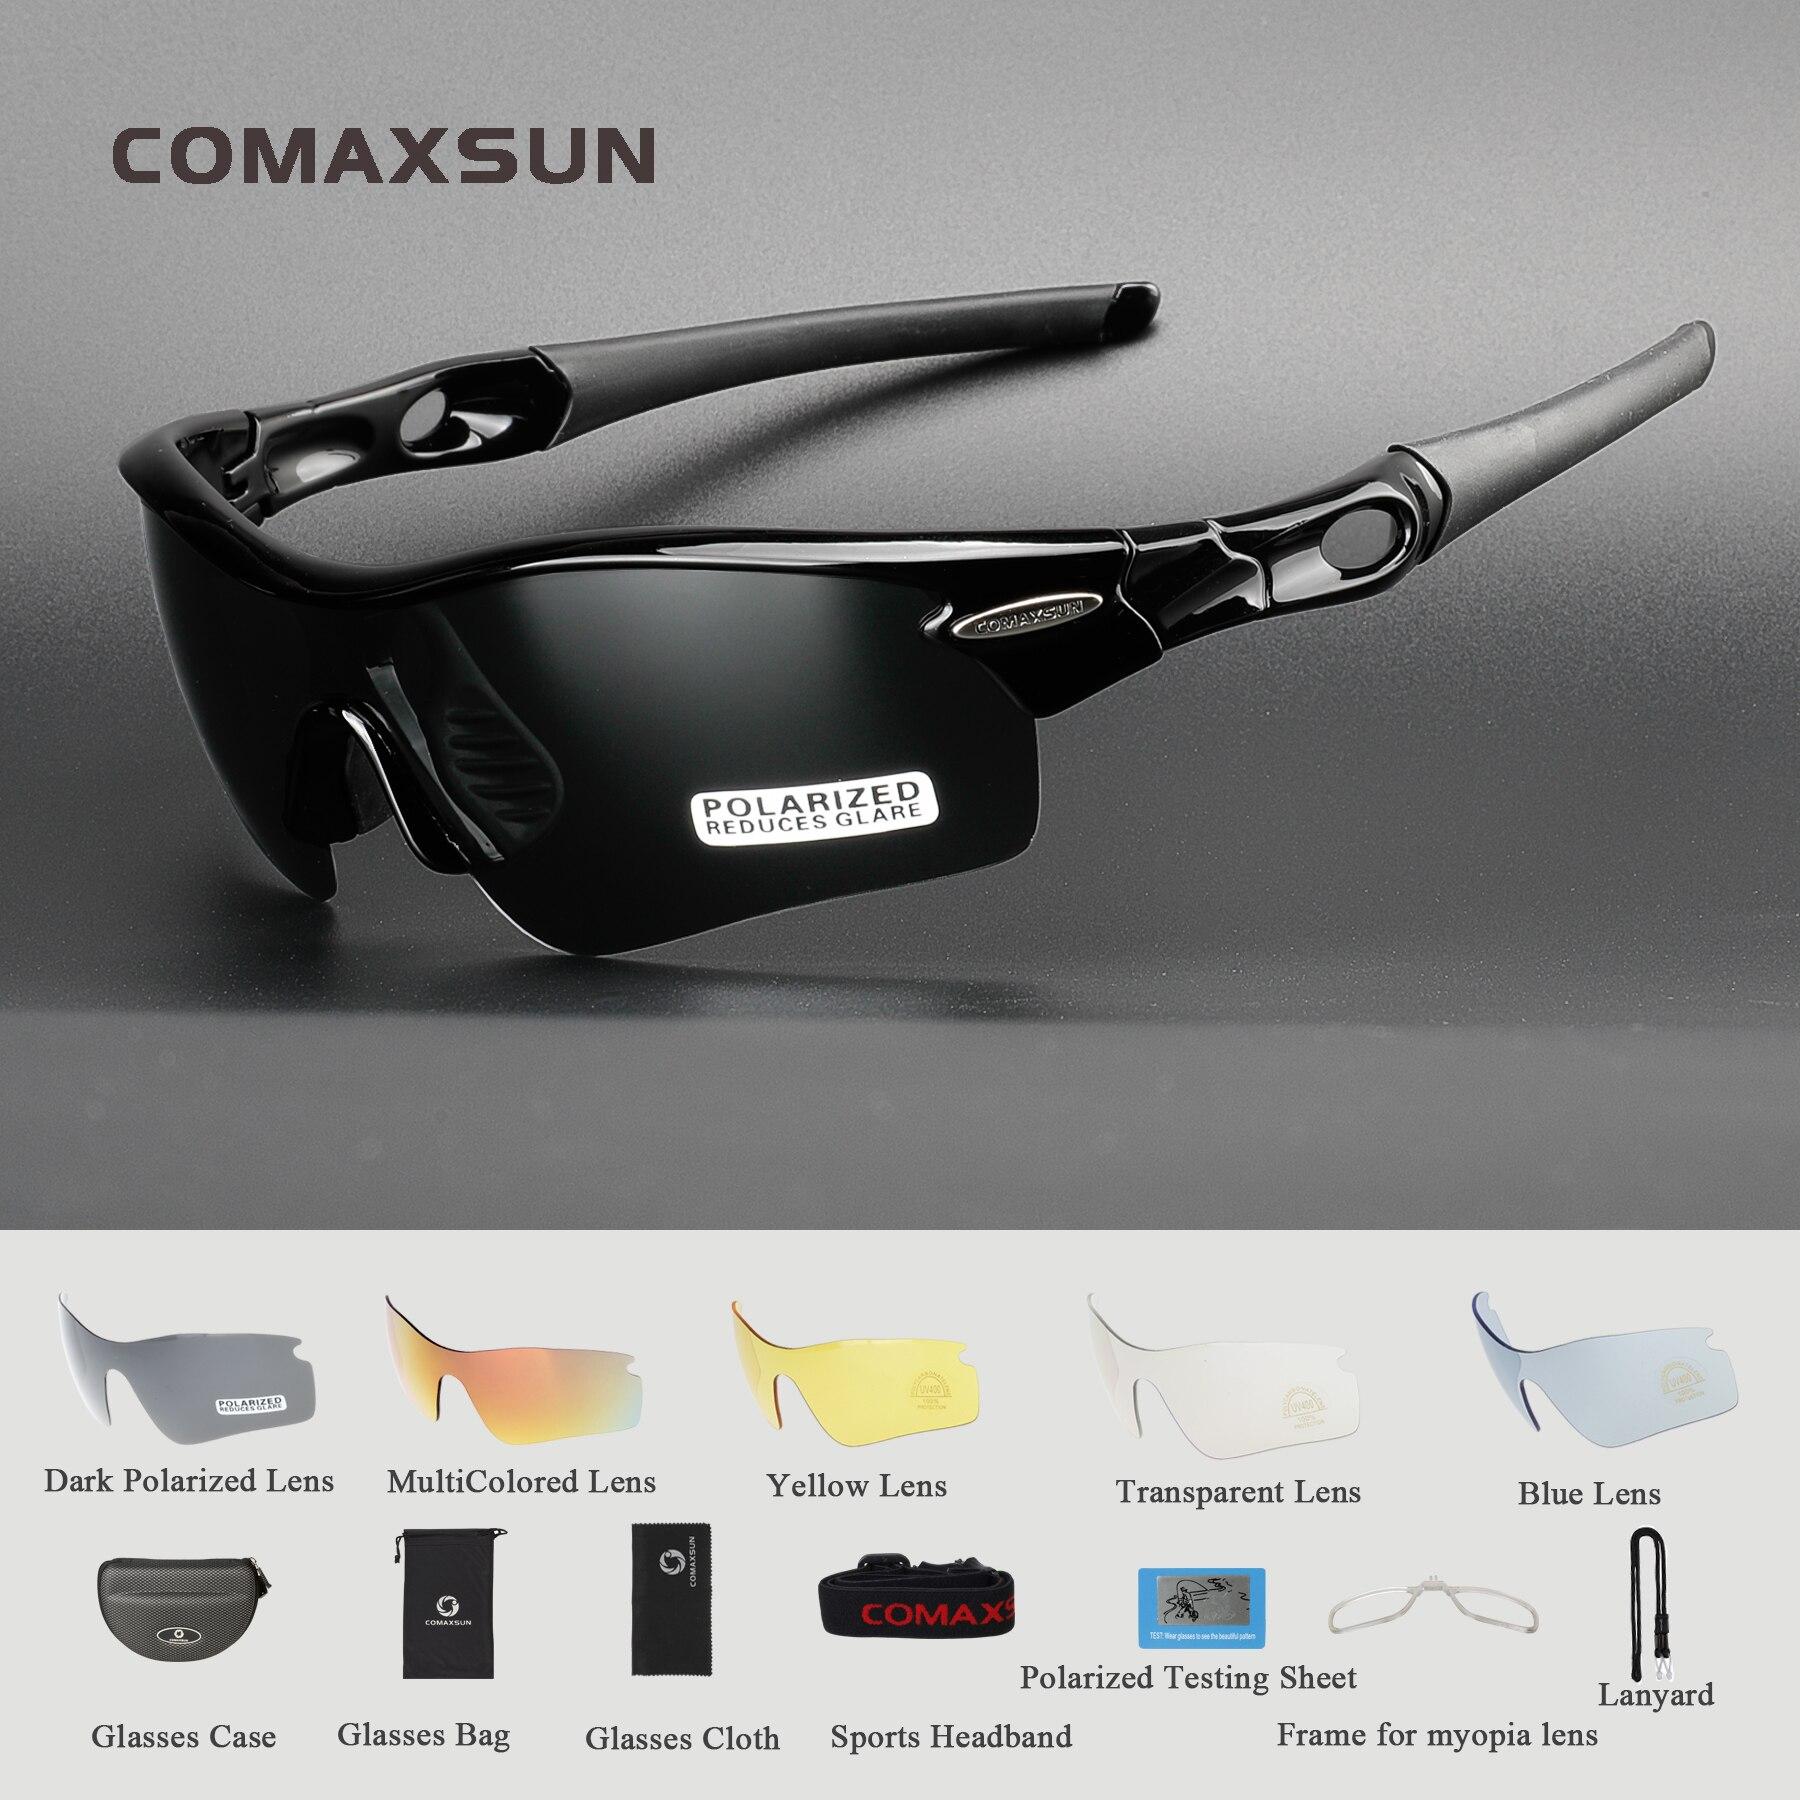 537bcf26ff COMAXSUN profesional polarizado gafas ciclismo bicicleta gafas pesca  deportes al aire libre gafas de sol UV 400 5 lente 5 Color